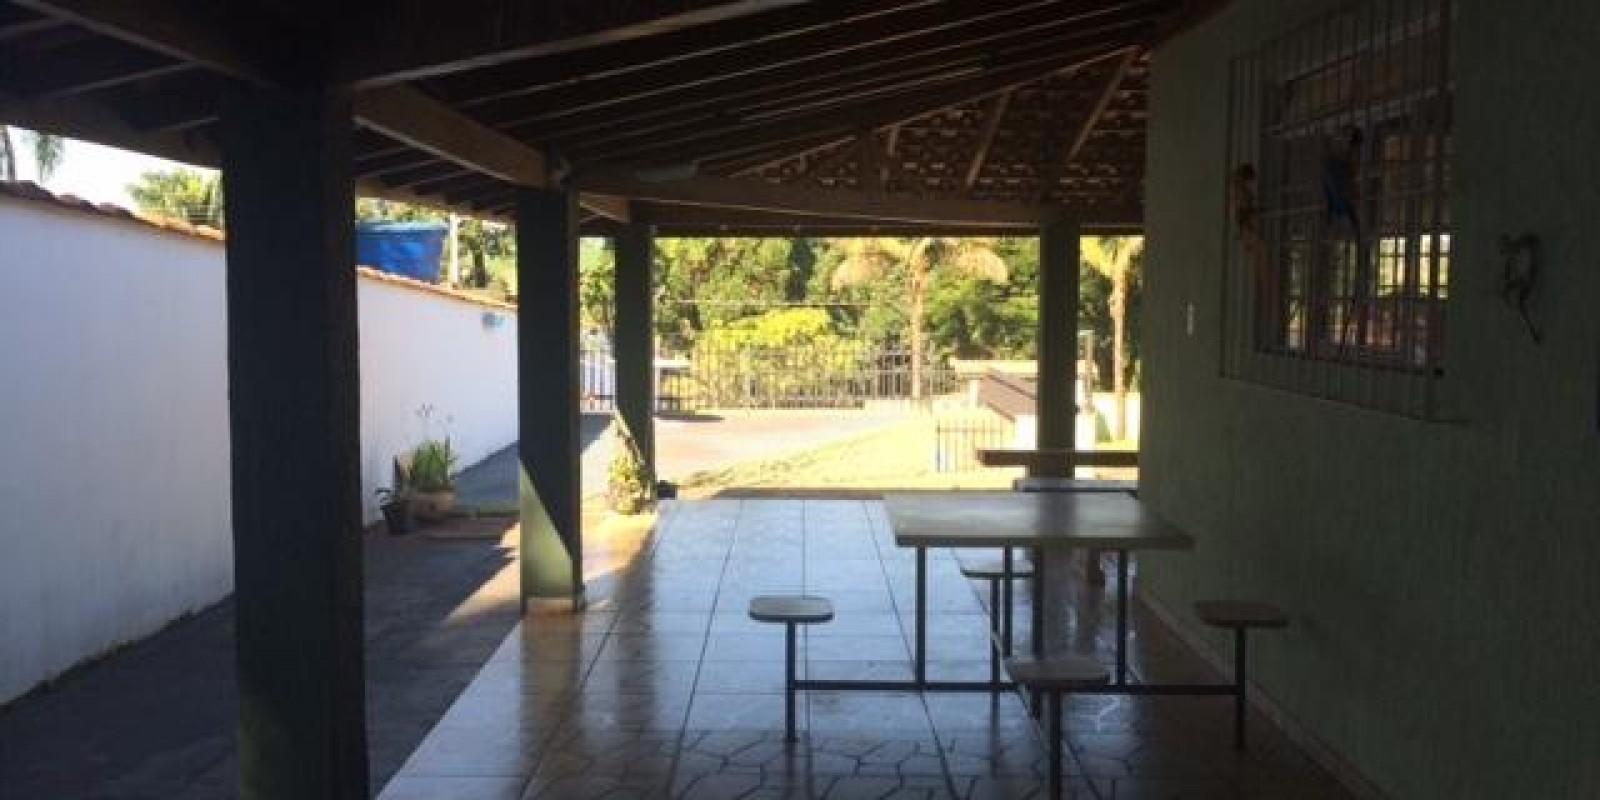 Casa para Temporada na Represa em Avaré SP - Foto 8 de 20